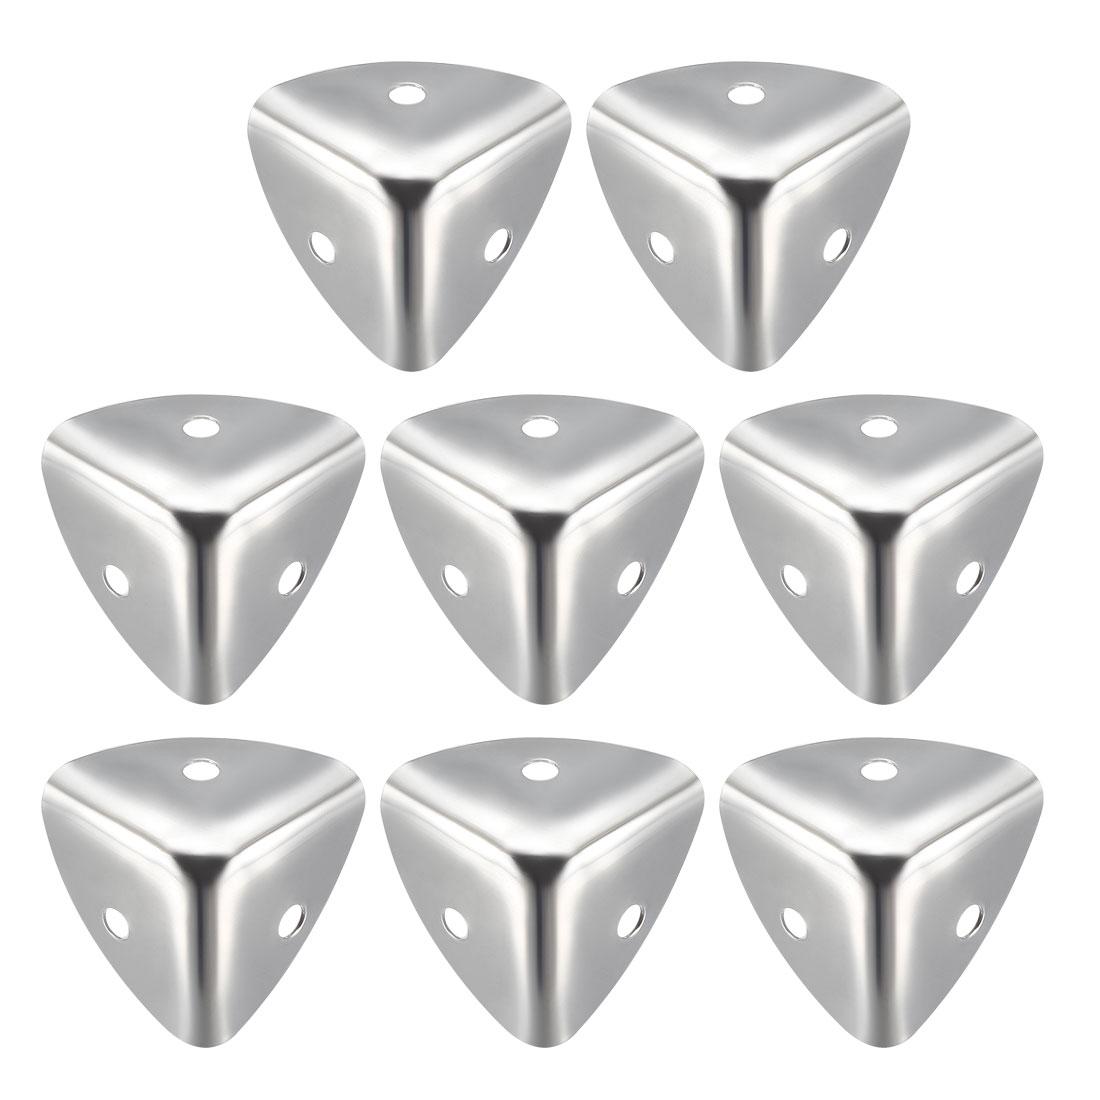 Metal Box Corner Protectors Edge Guard Protector 25 x 25 x 25mm Silver Tone 8pcs